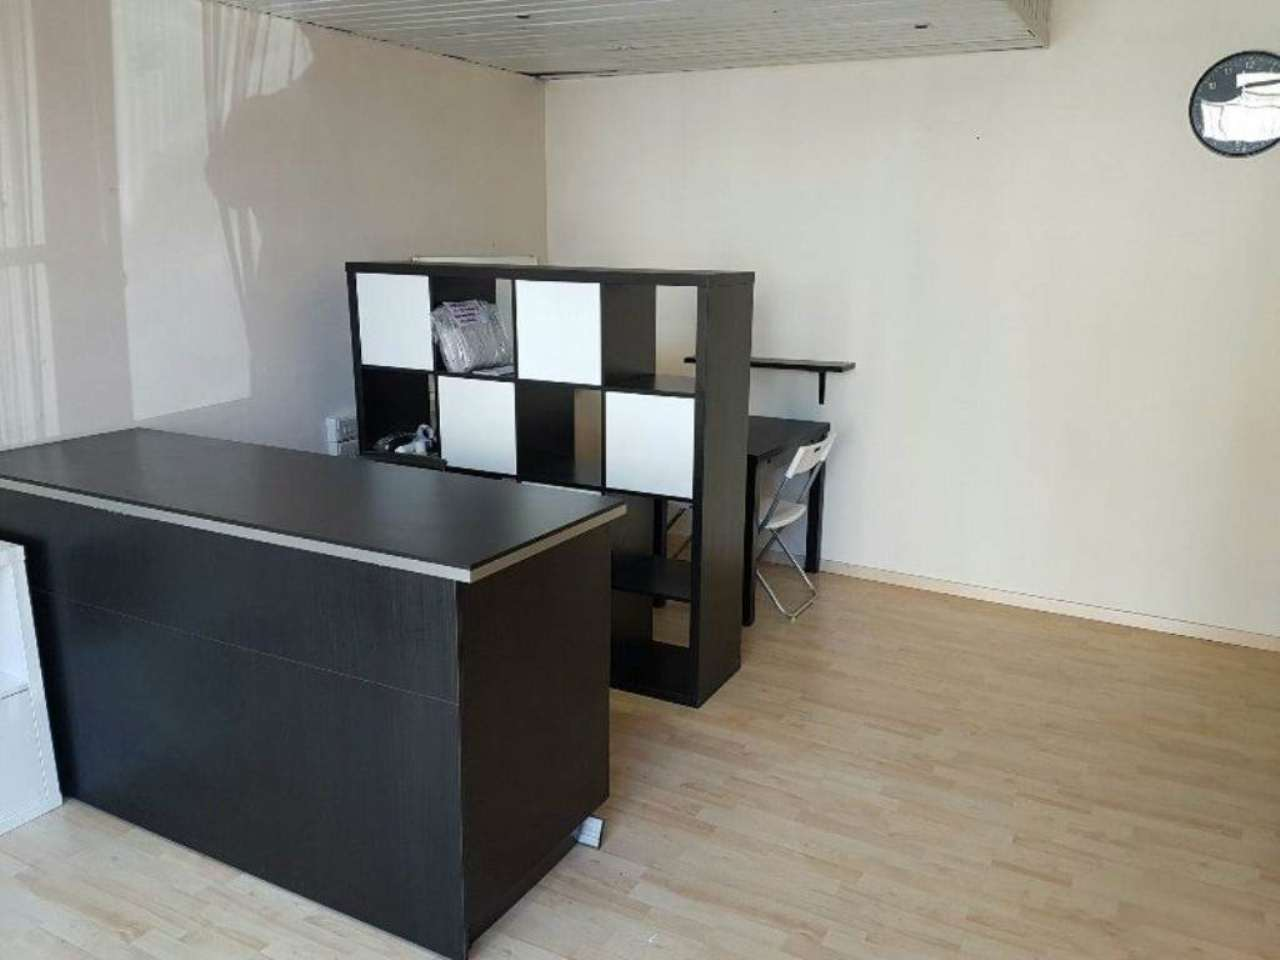 Negozio / Locale in vendita a Cinisello Balsamo, 2 locali, prezzo € 130.000 | Cambio Casa.it